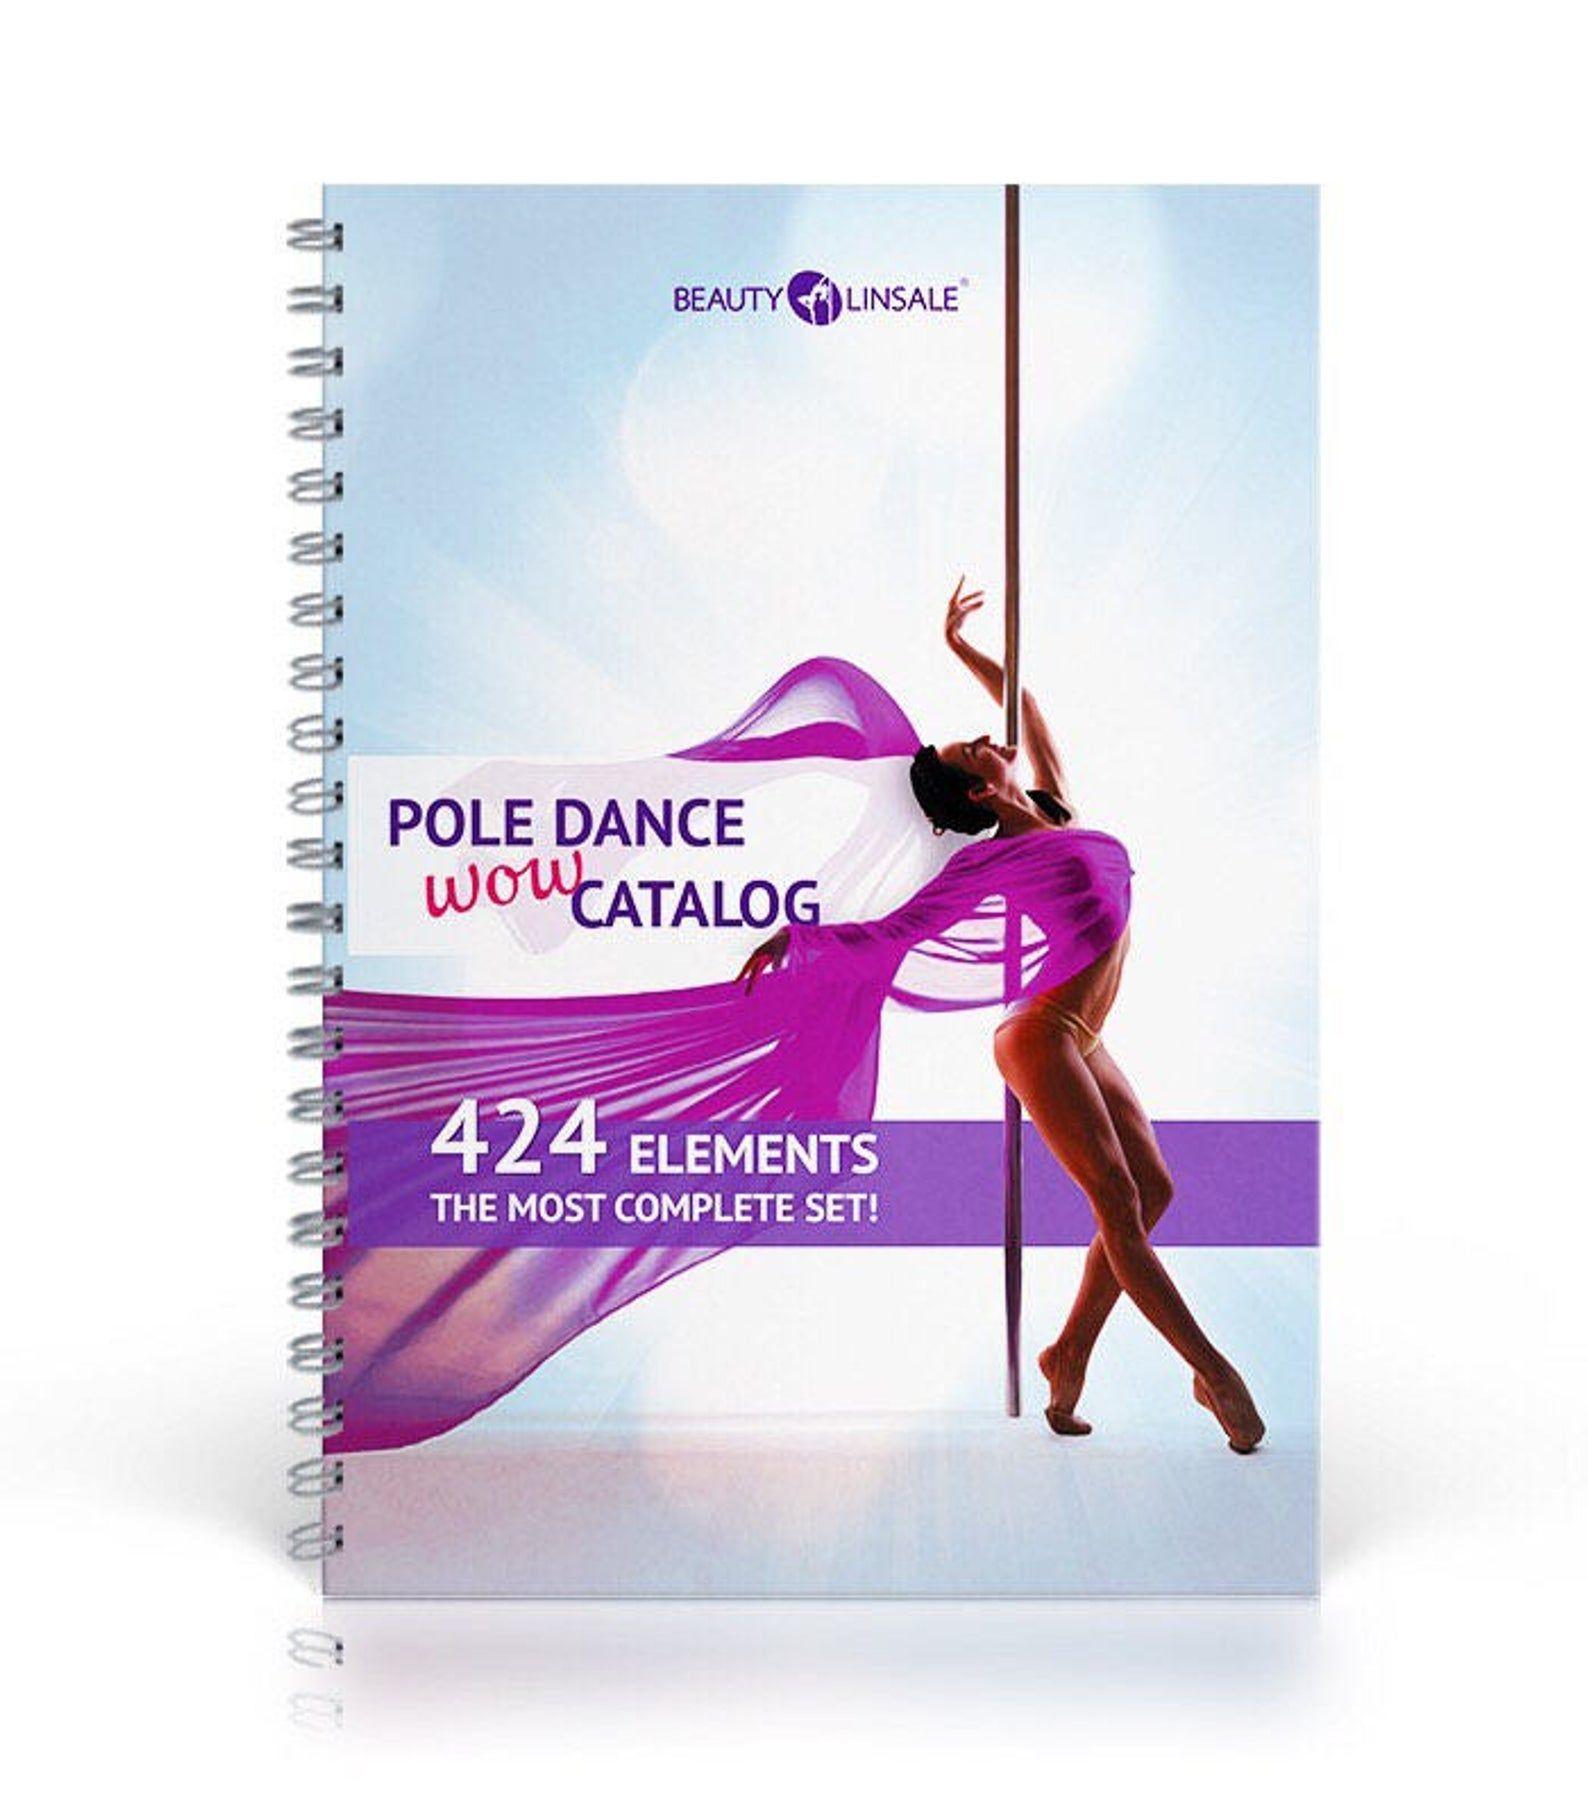 Pole Dance Wow Catalog Pole Dancing Pole Dance